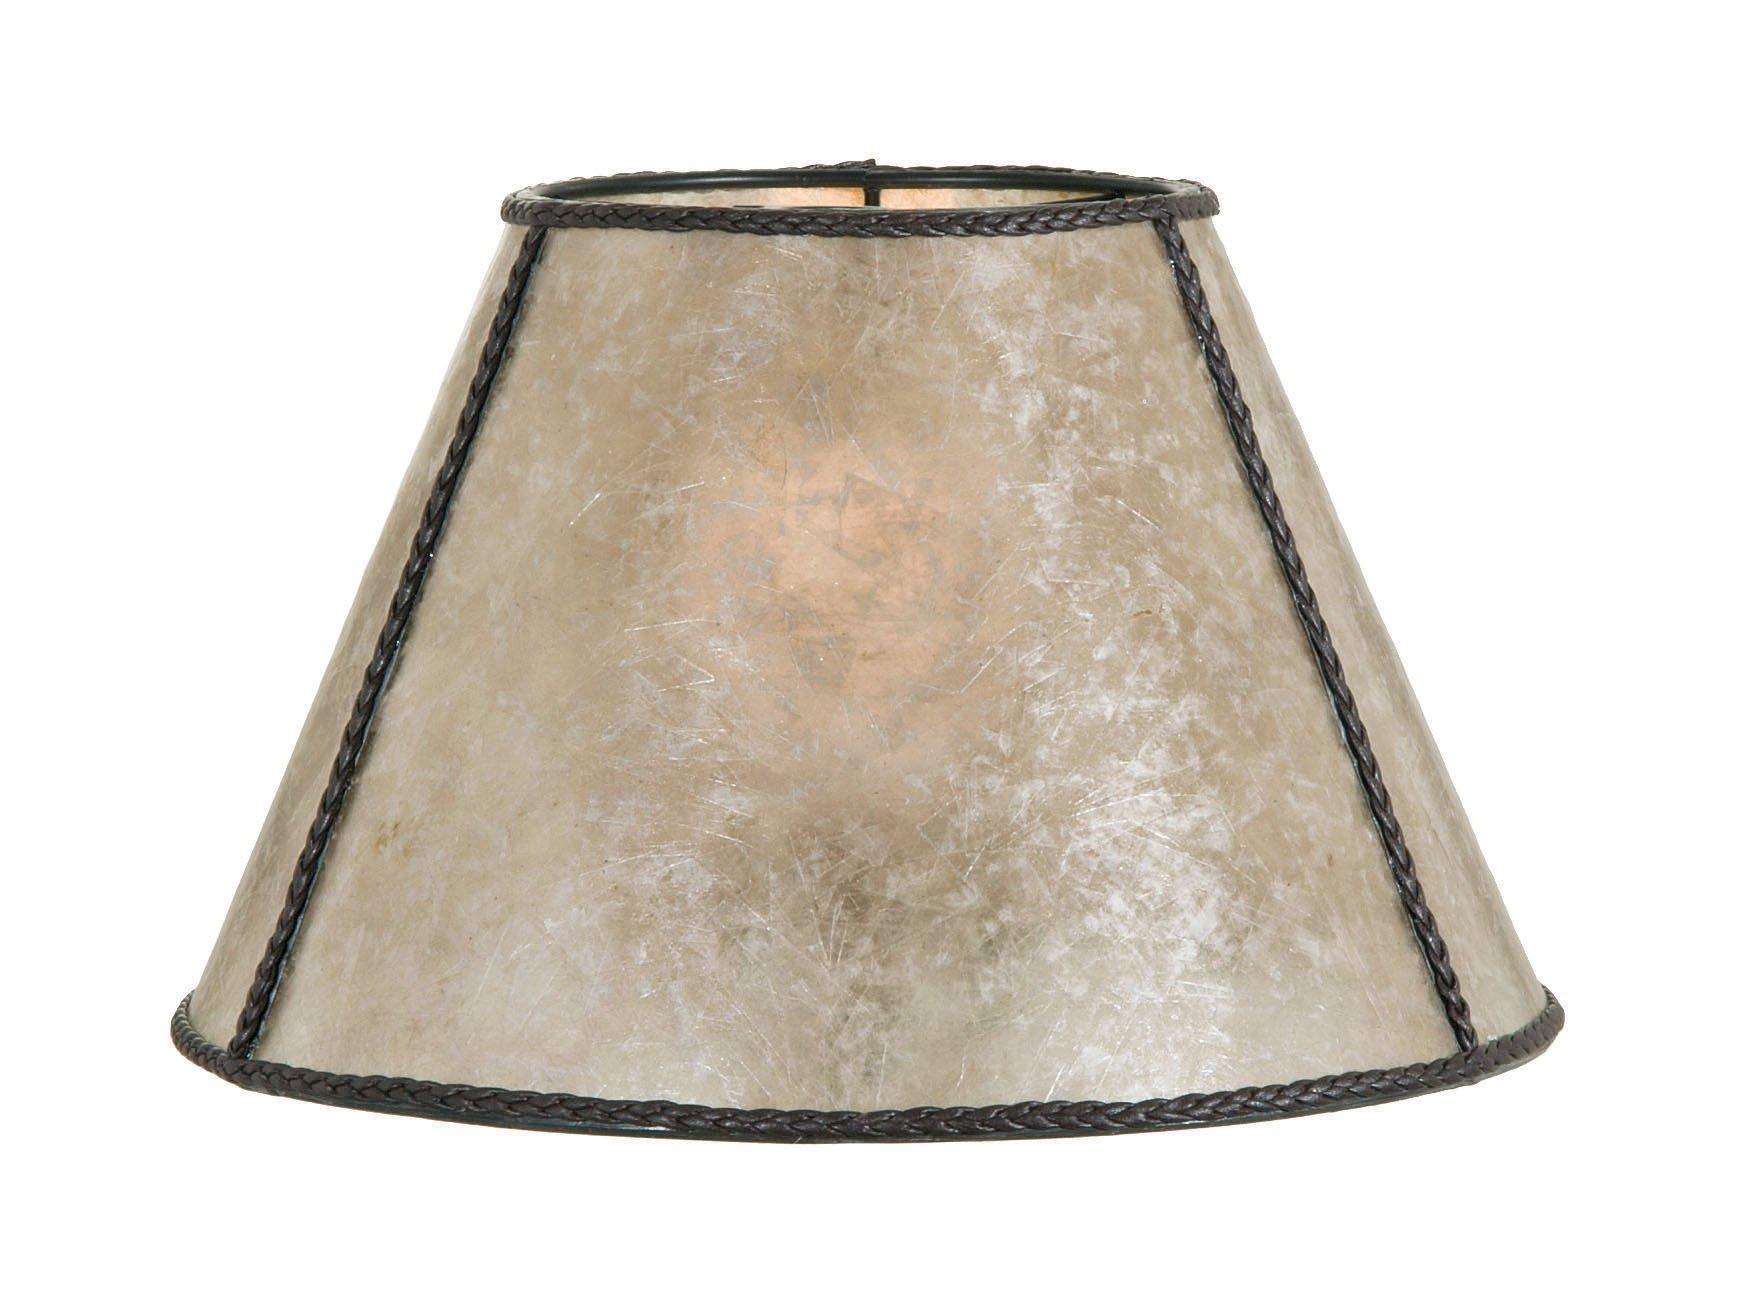 B&P Lamp Parchment, 6 12 7.5, Uno, Flush, (5)